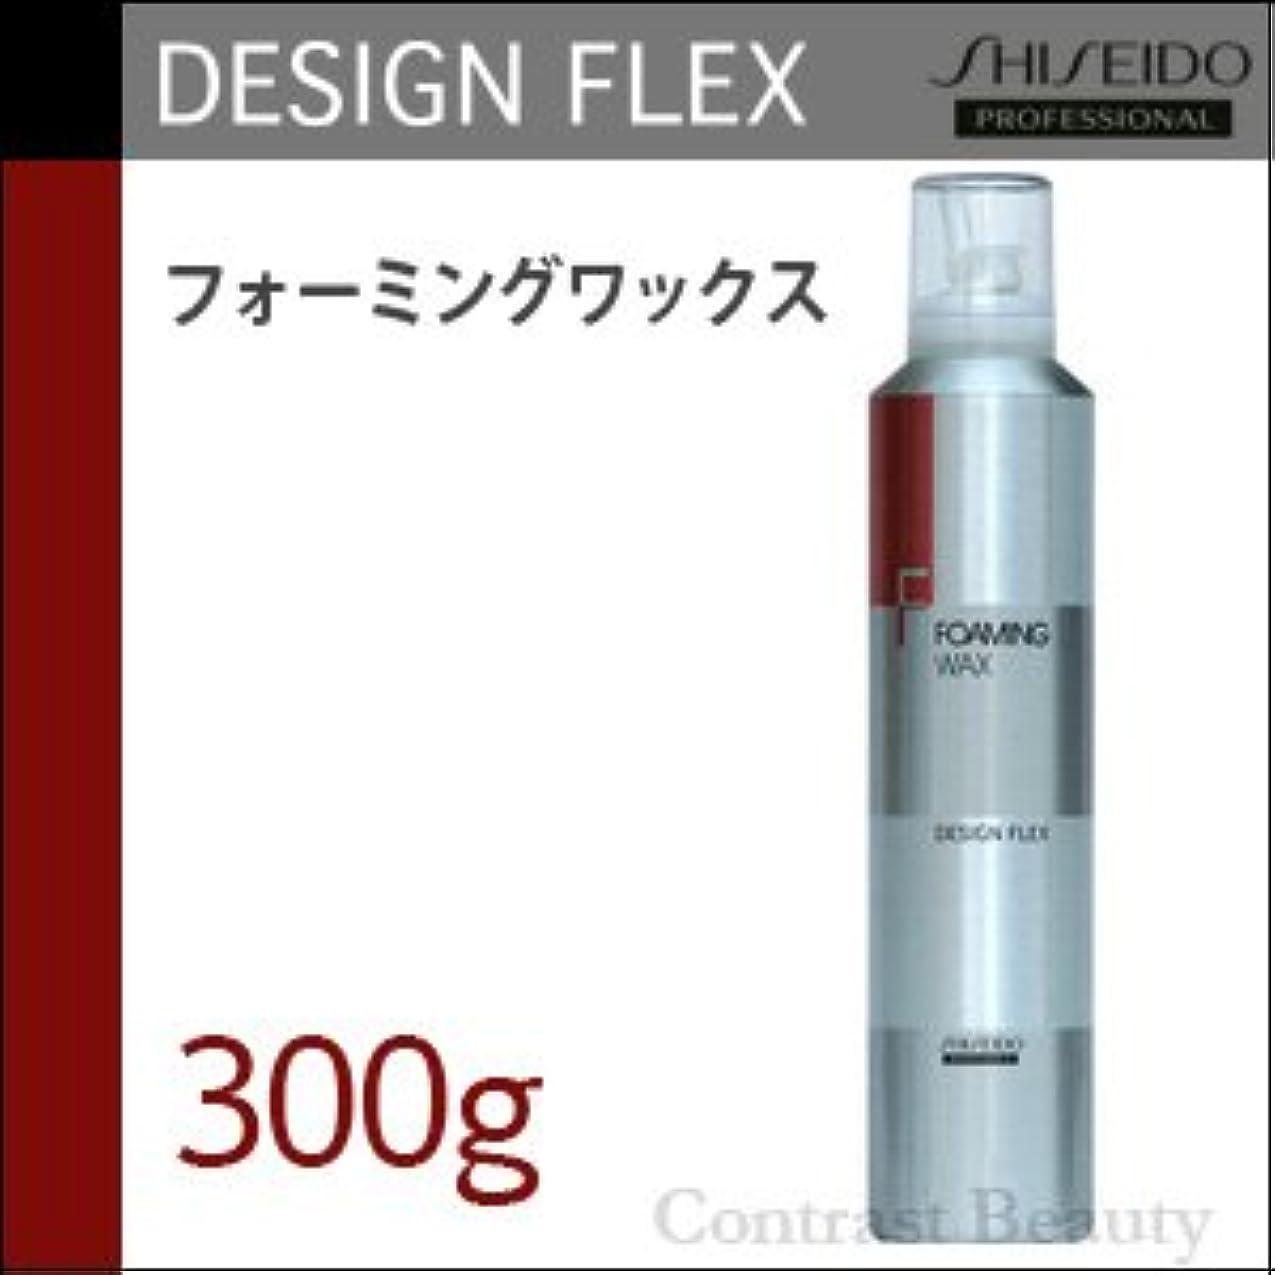 降臨今日砂漠【x2個セット】 資生堂 デザインフレックス フォーミングワックス 300g